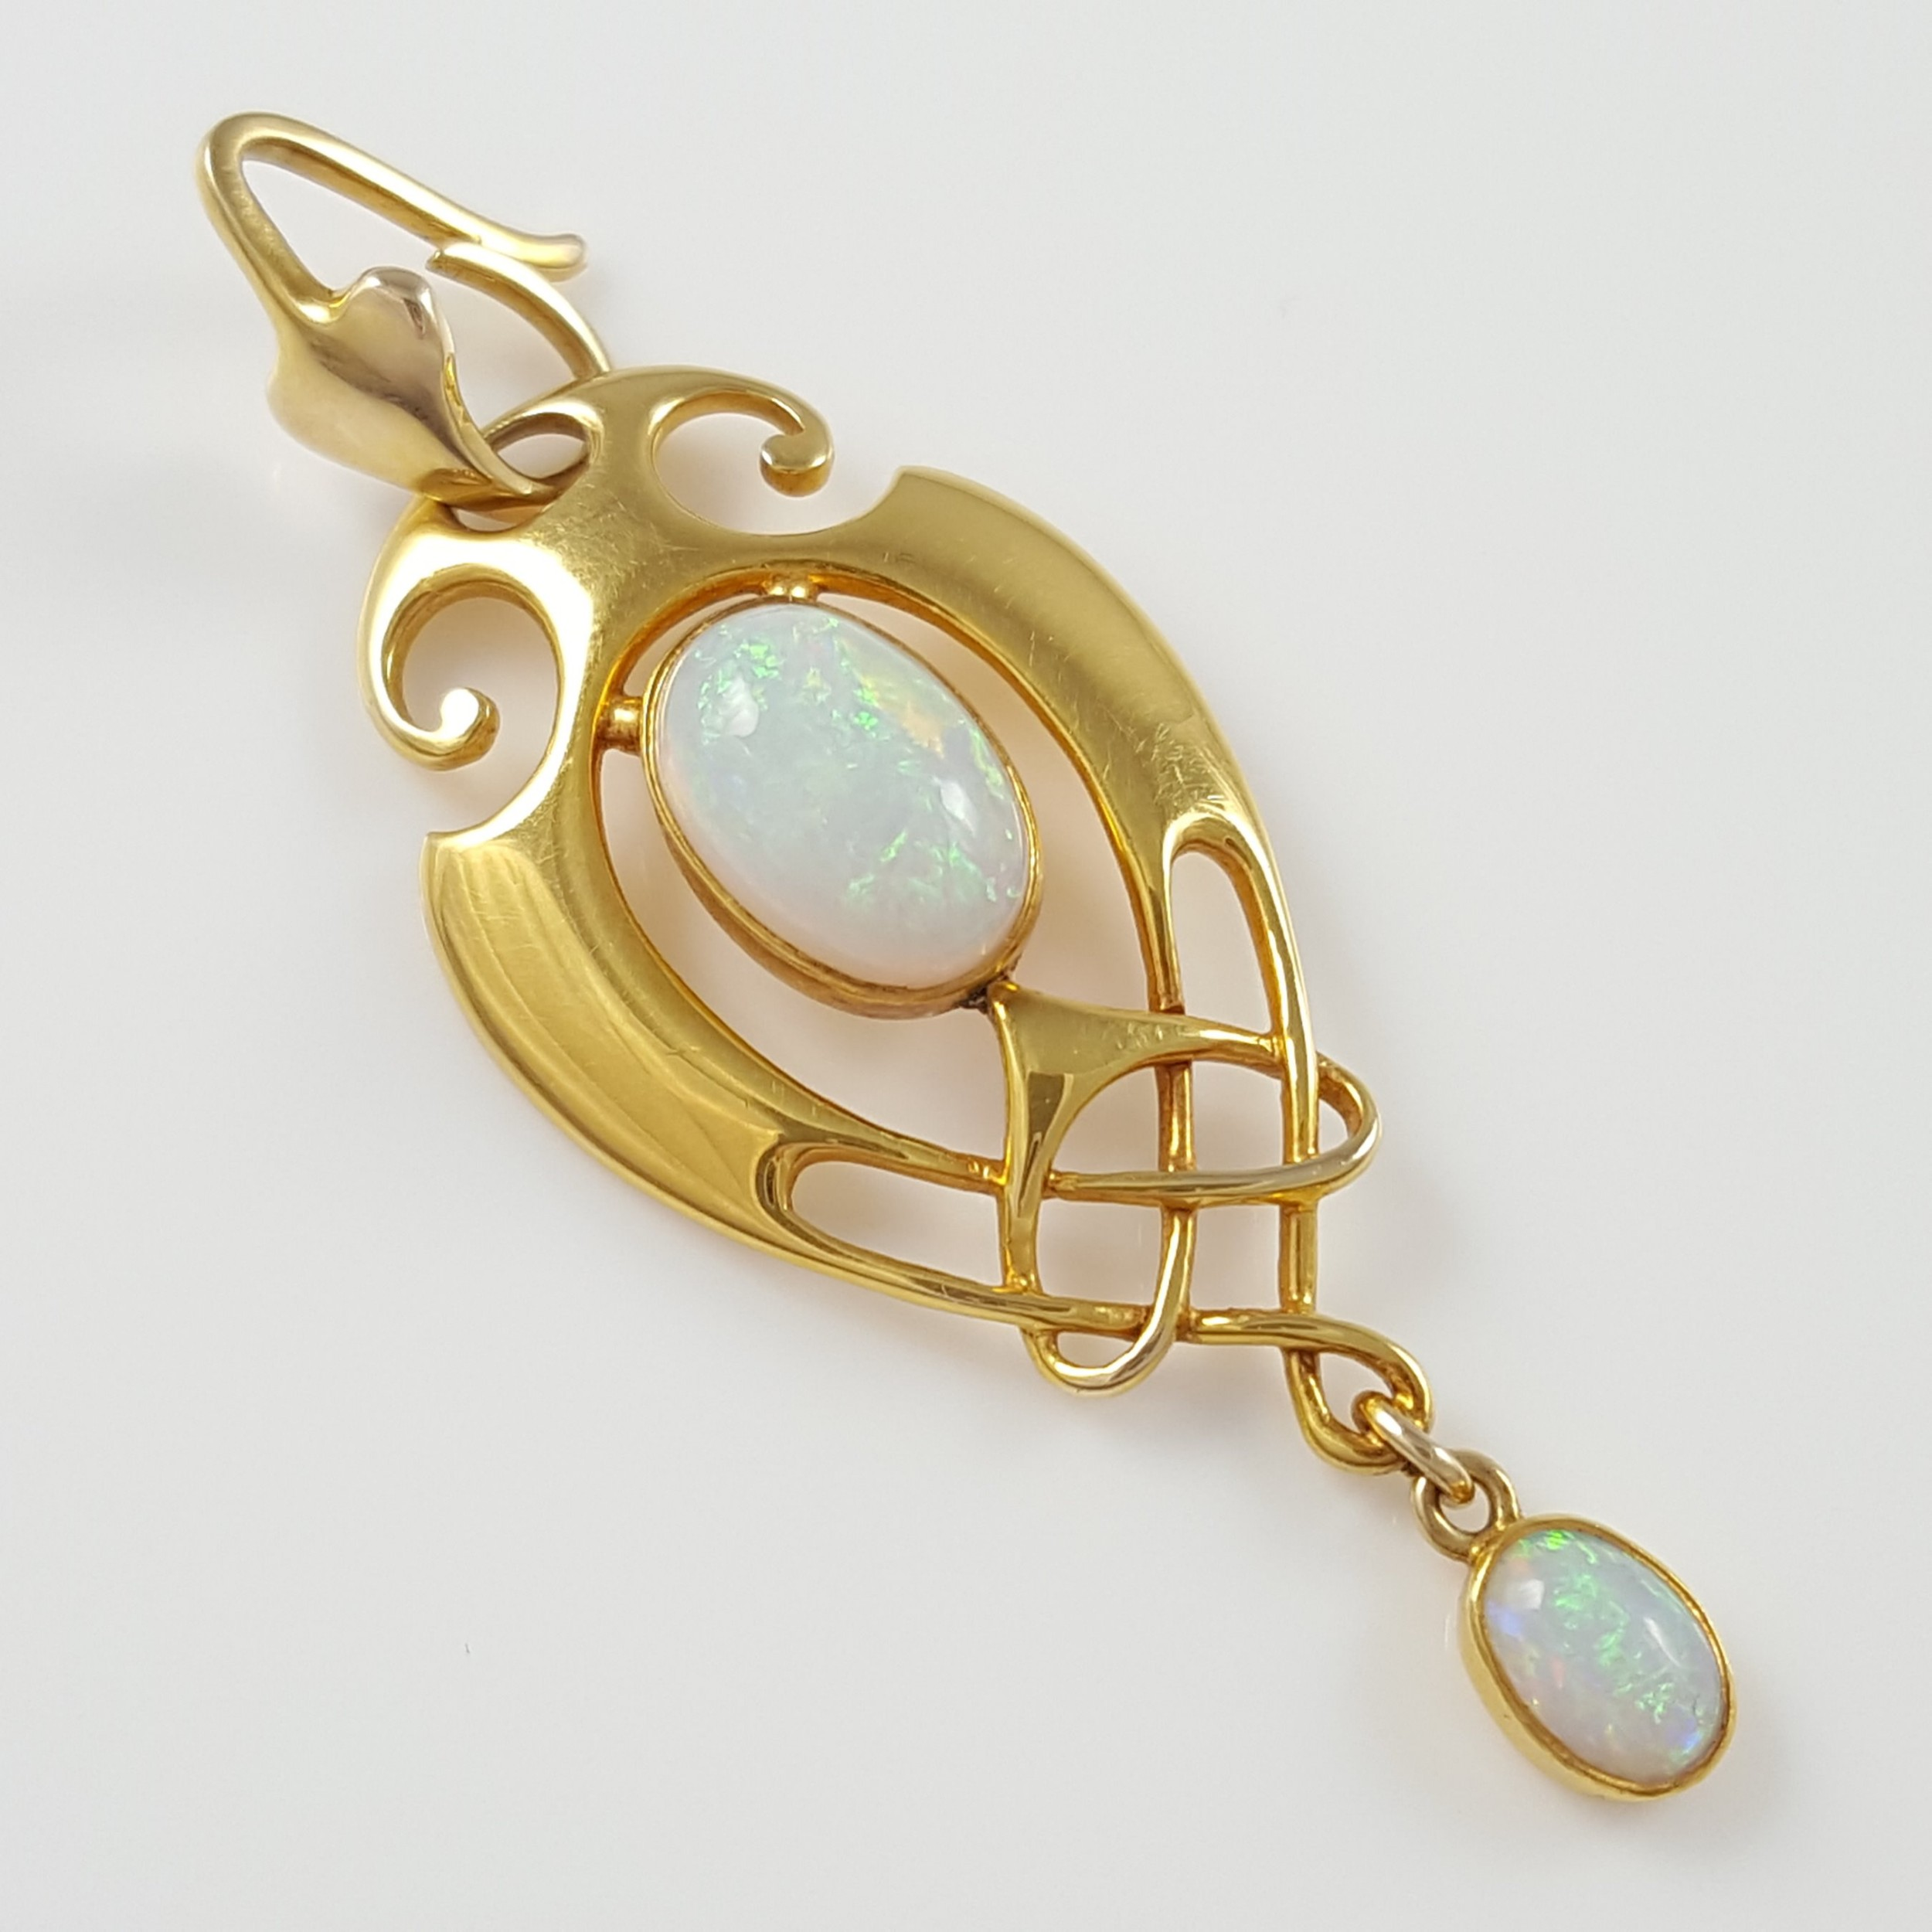 murrle bennett co art nouveau celtic revival 15ct gold opal pendant